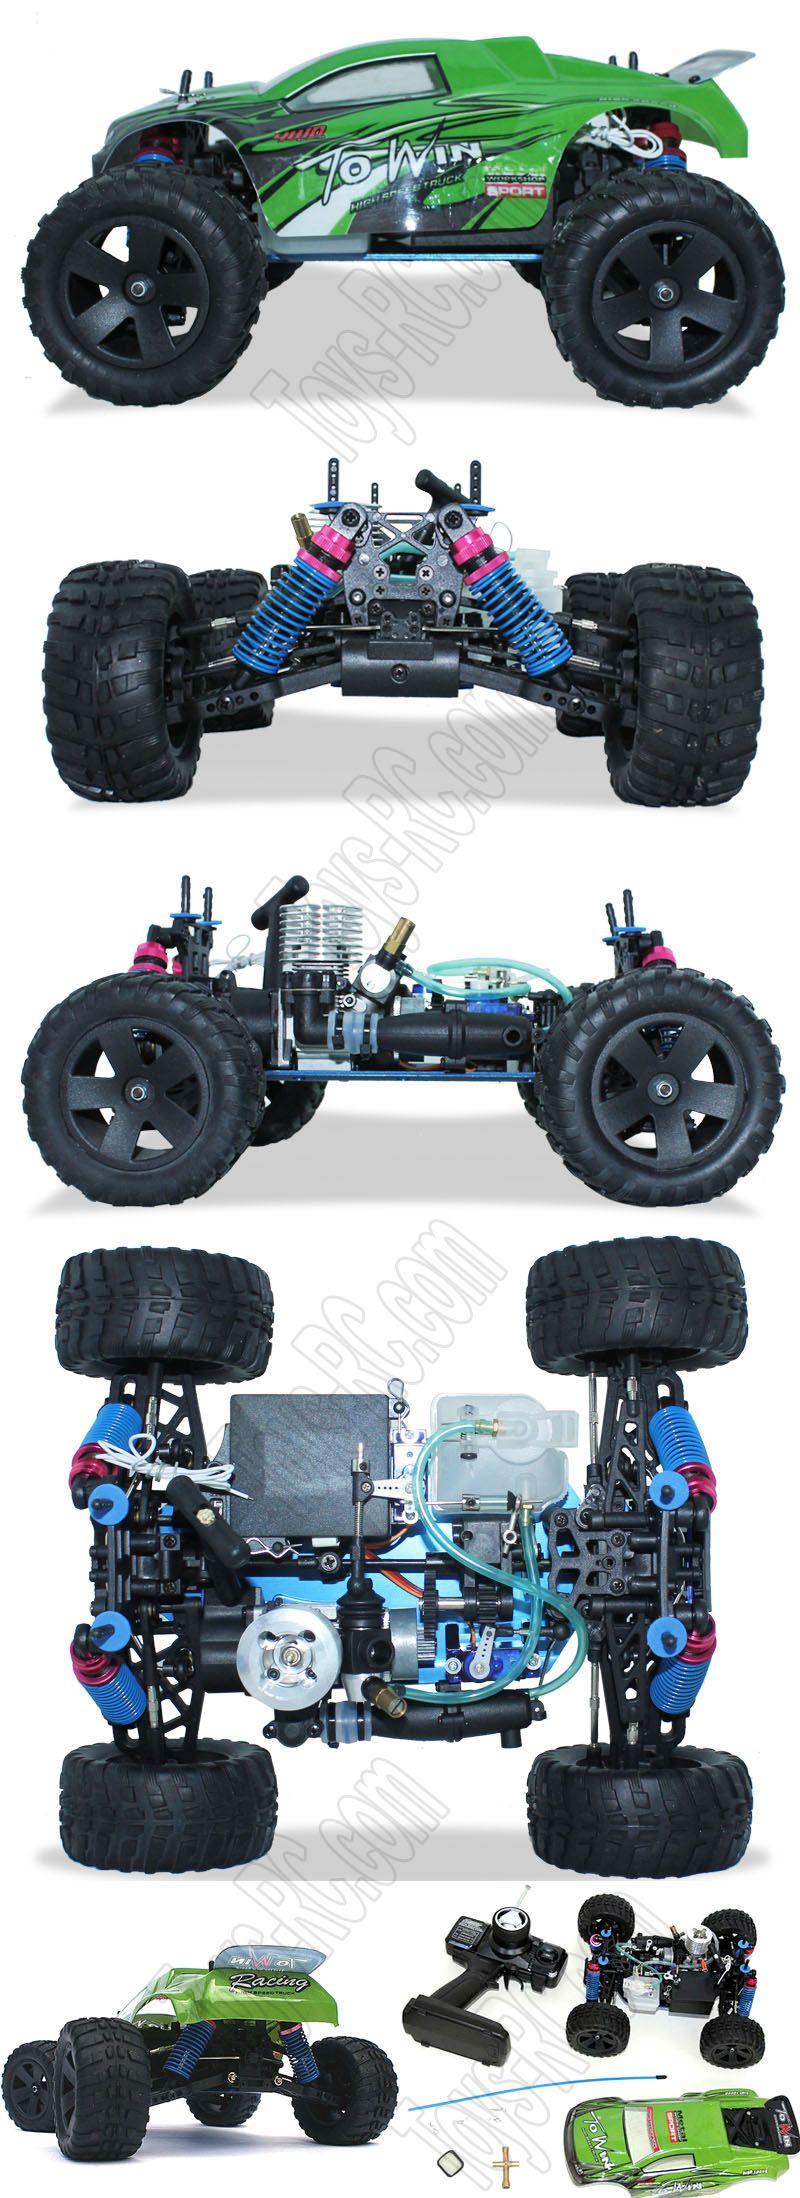 Victory hawk 1 16 vh l16 drifting rc big monster nitro gas truck http